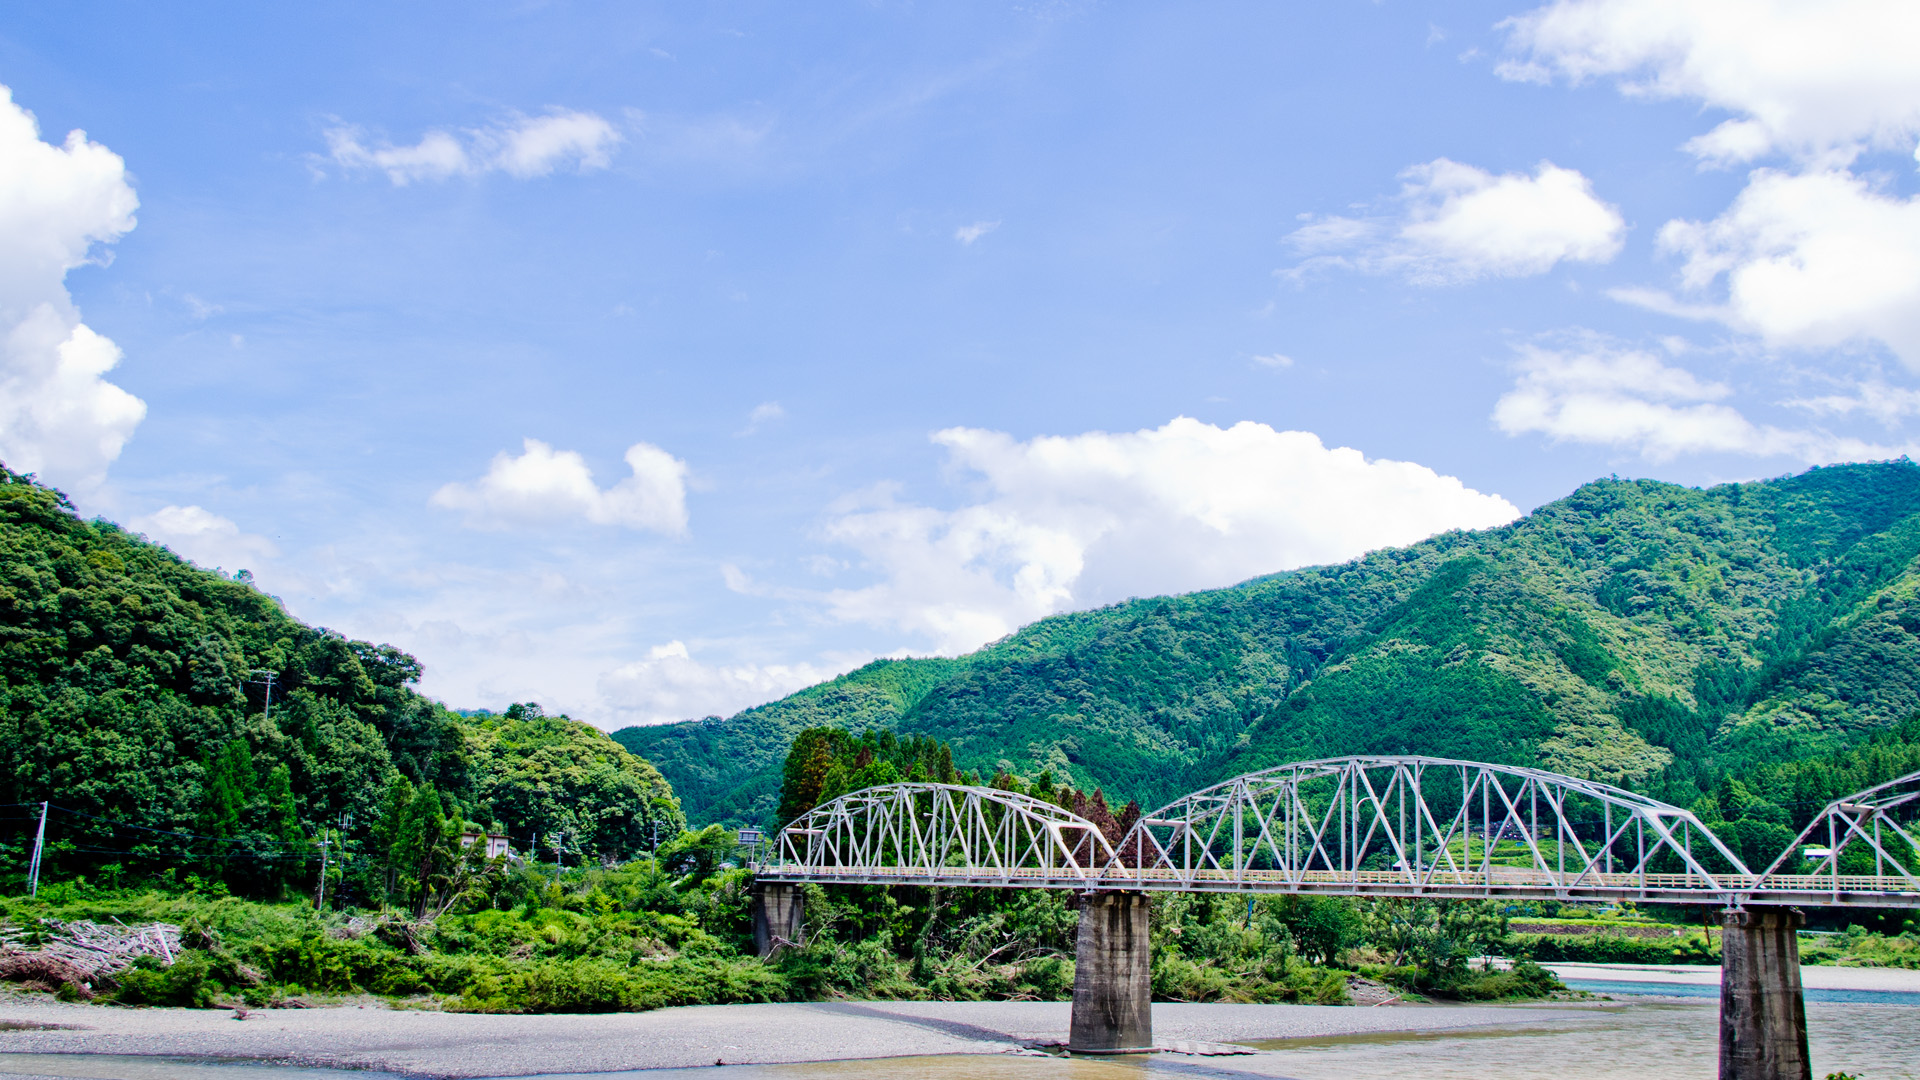 熊野の渓谷に掛かる橋